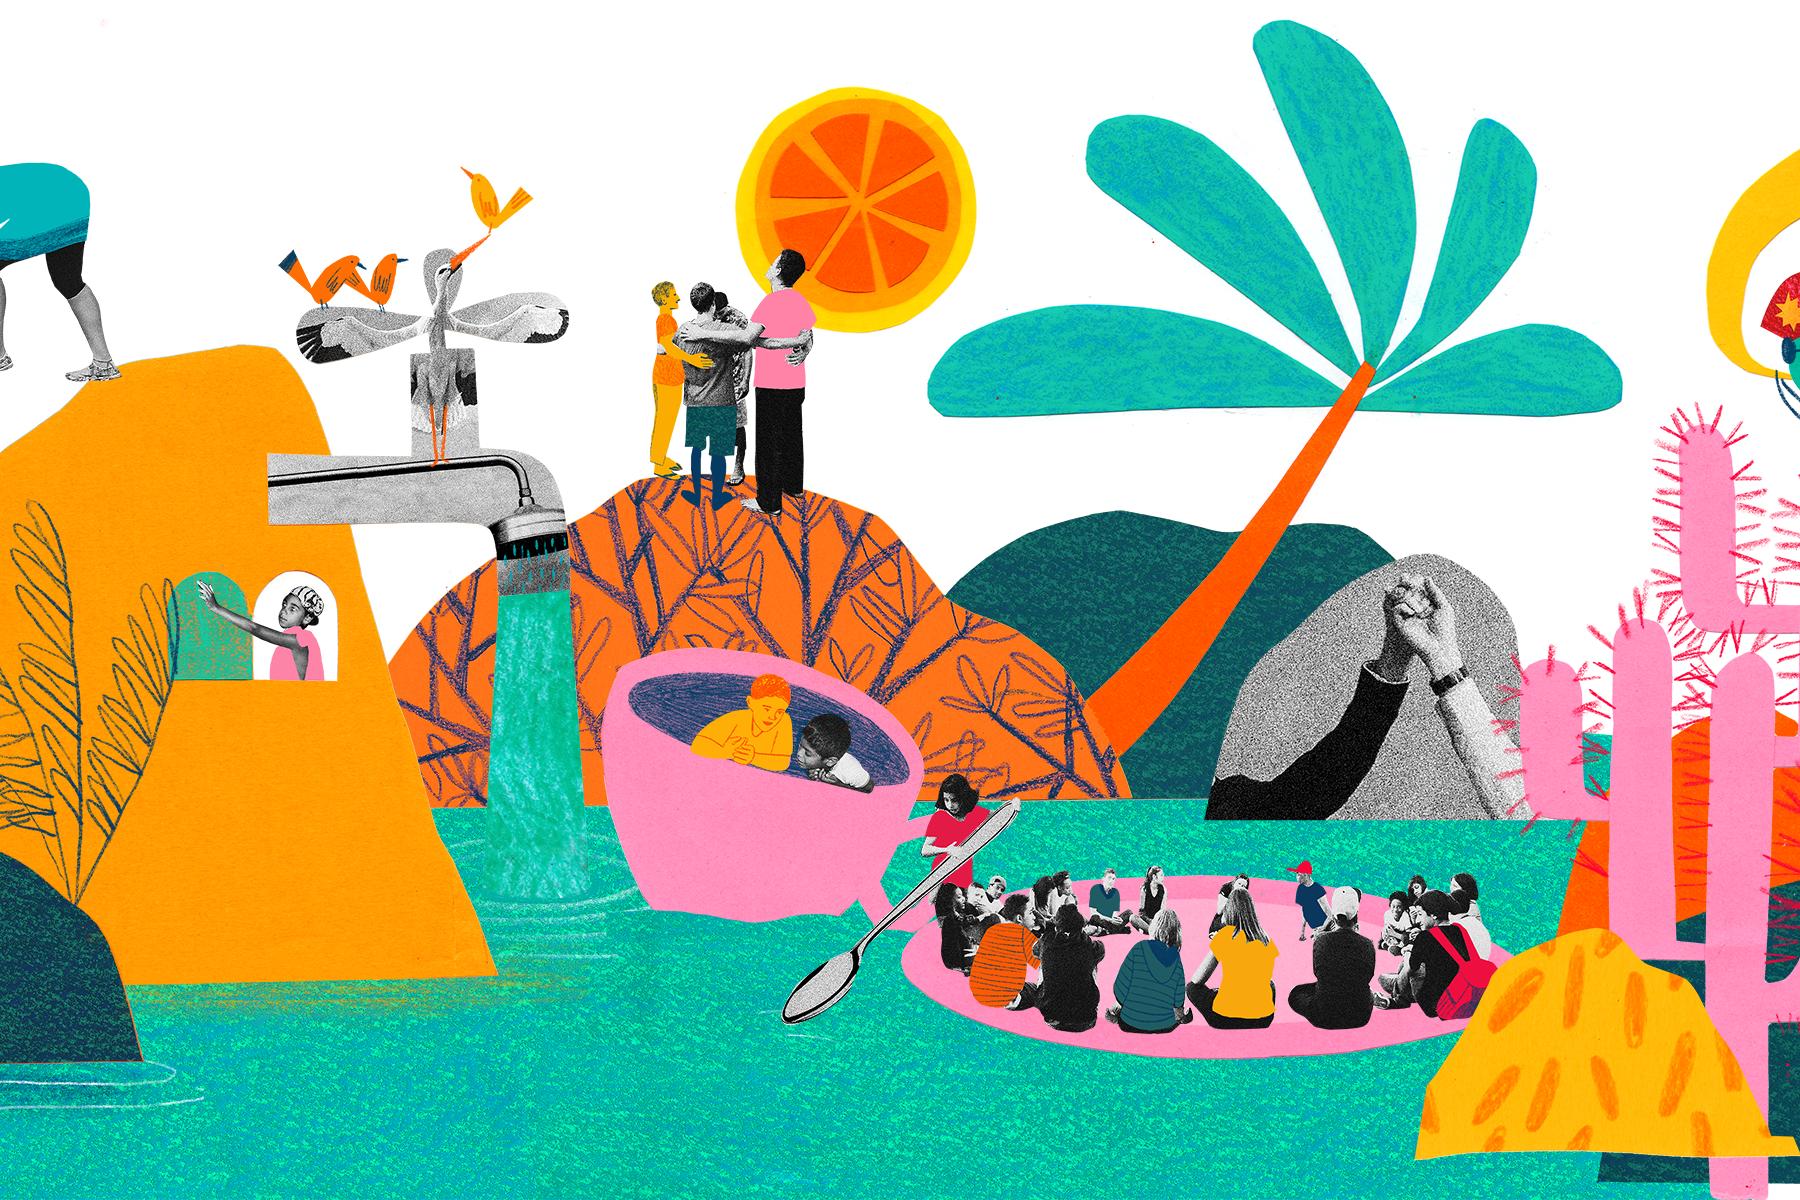 a imagem mostra uma colagem de ilustrações. Ao fundo, há montanhas, árvores e um sol. Embaixo, há um lago, onde pessoas passeiam sobre uma xícara e um prato.